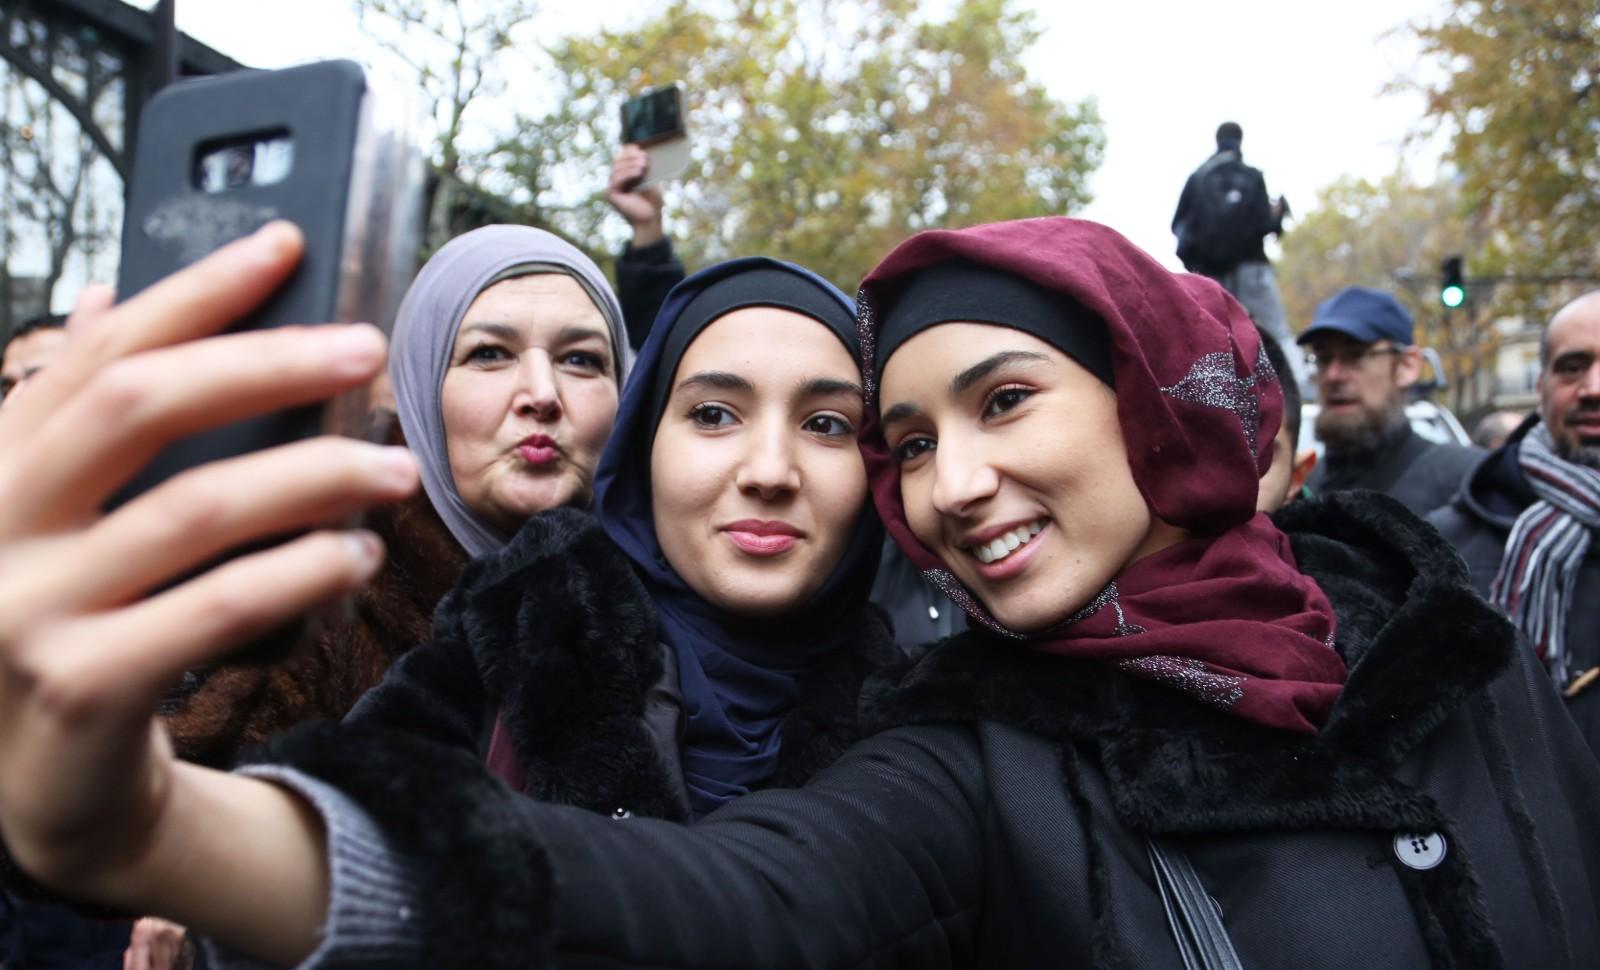 Trois femmes avec un voile islamique, lors de la manifestation controversée du 10 novembre 2019 à Paris © SEVGI/SIPA Numéro de reportage: 00931703_000014